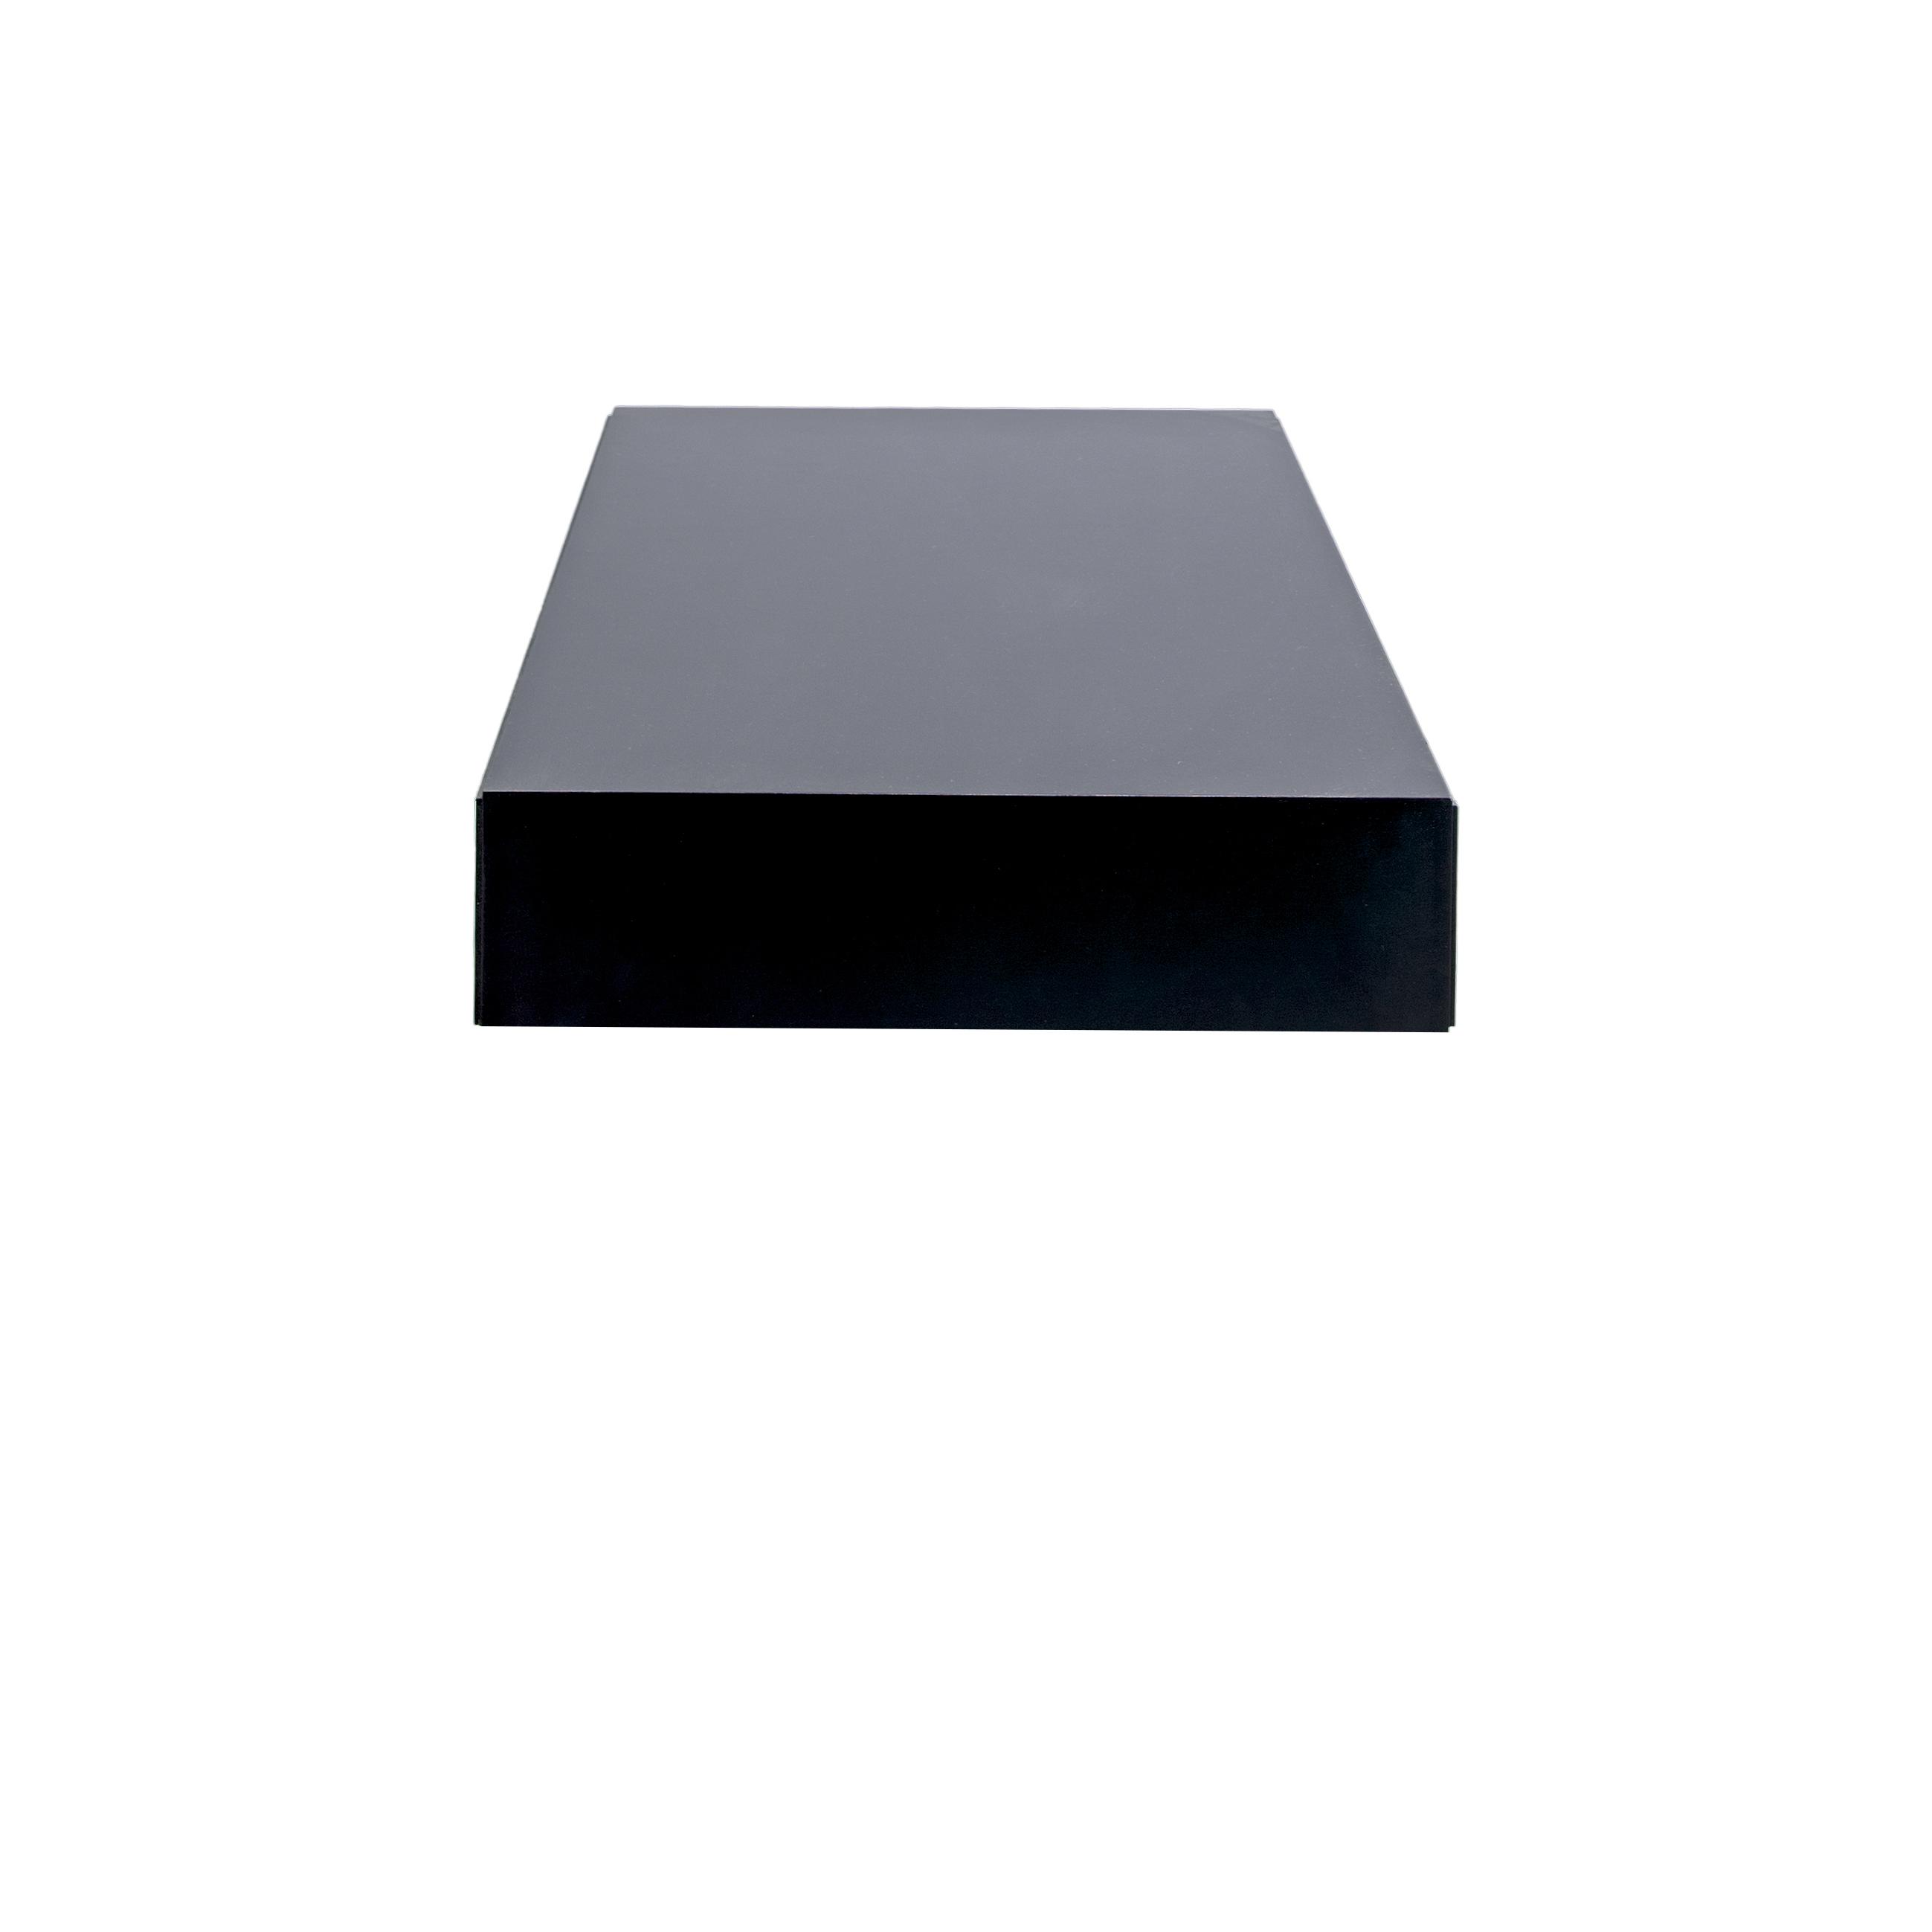 Line Soffbord rektangulärt Black från sidan - englesson.se